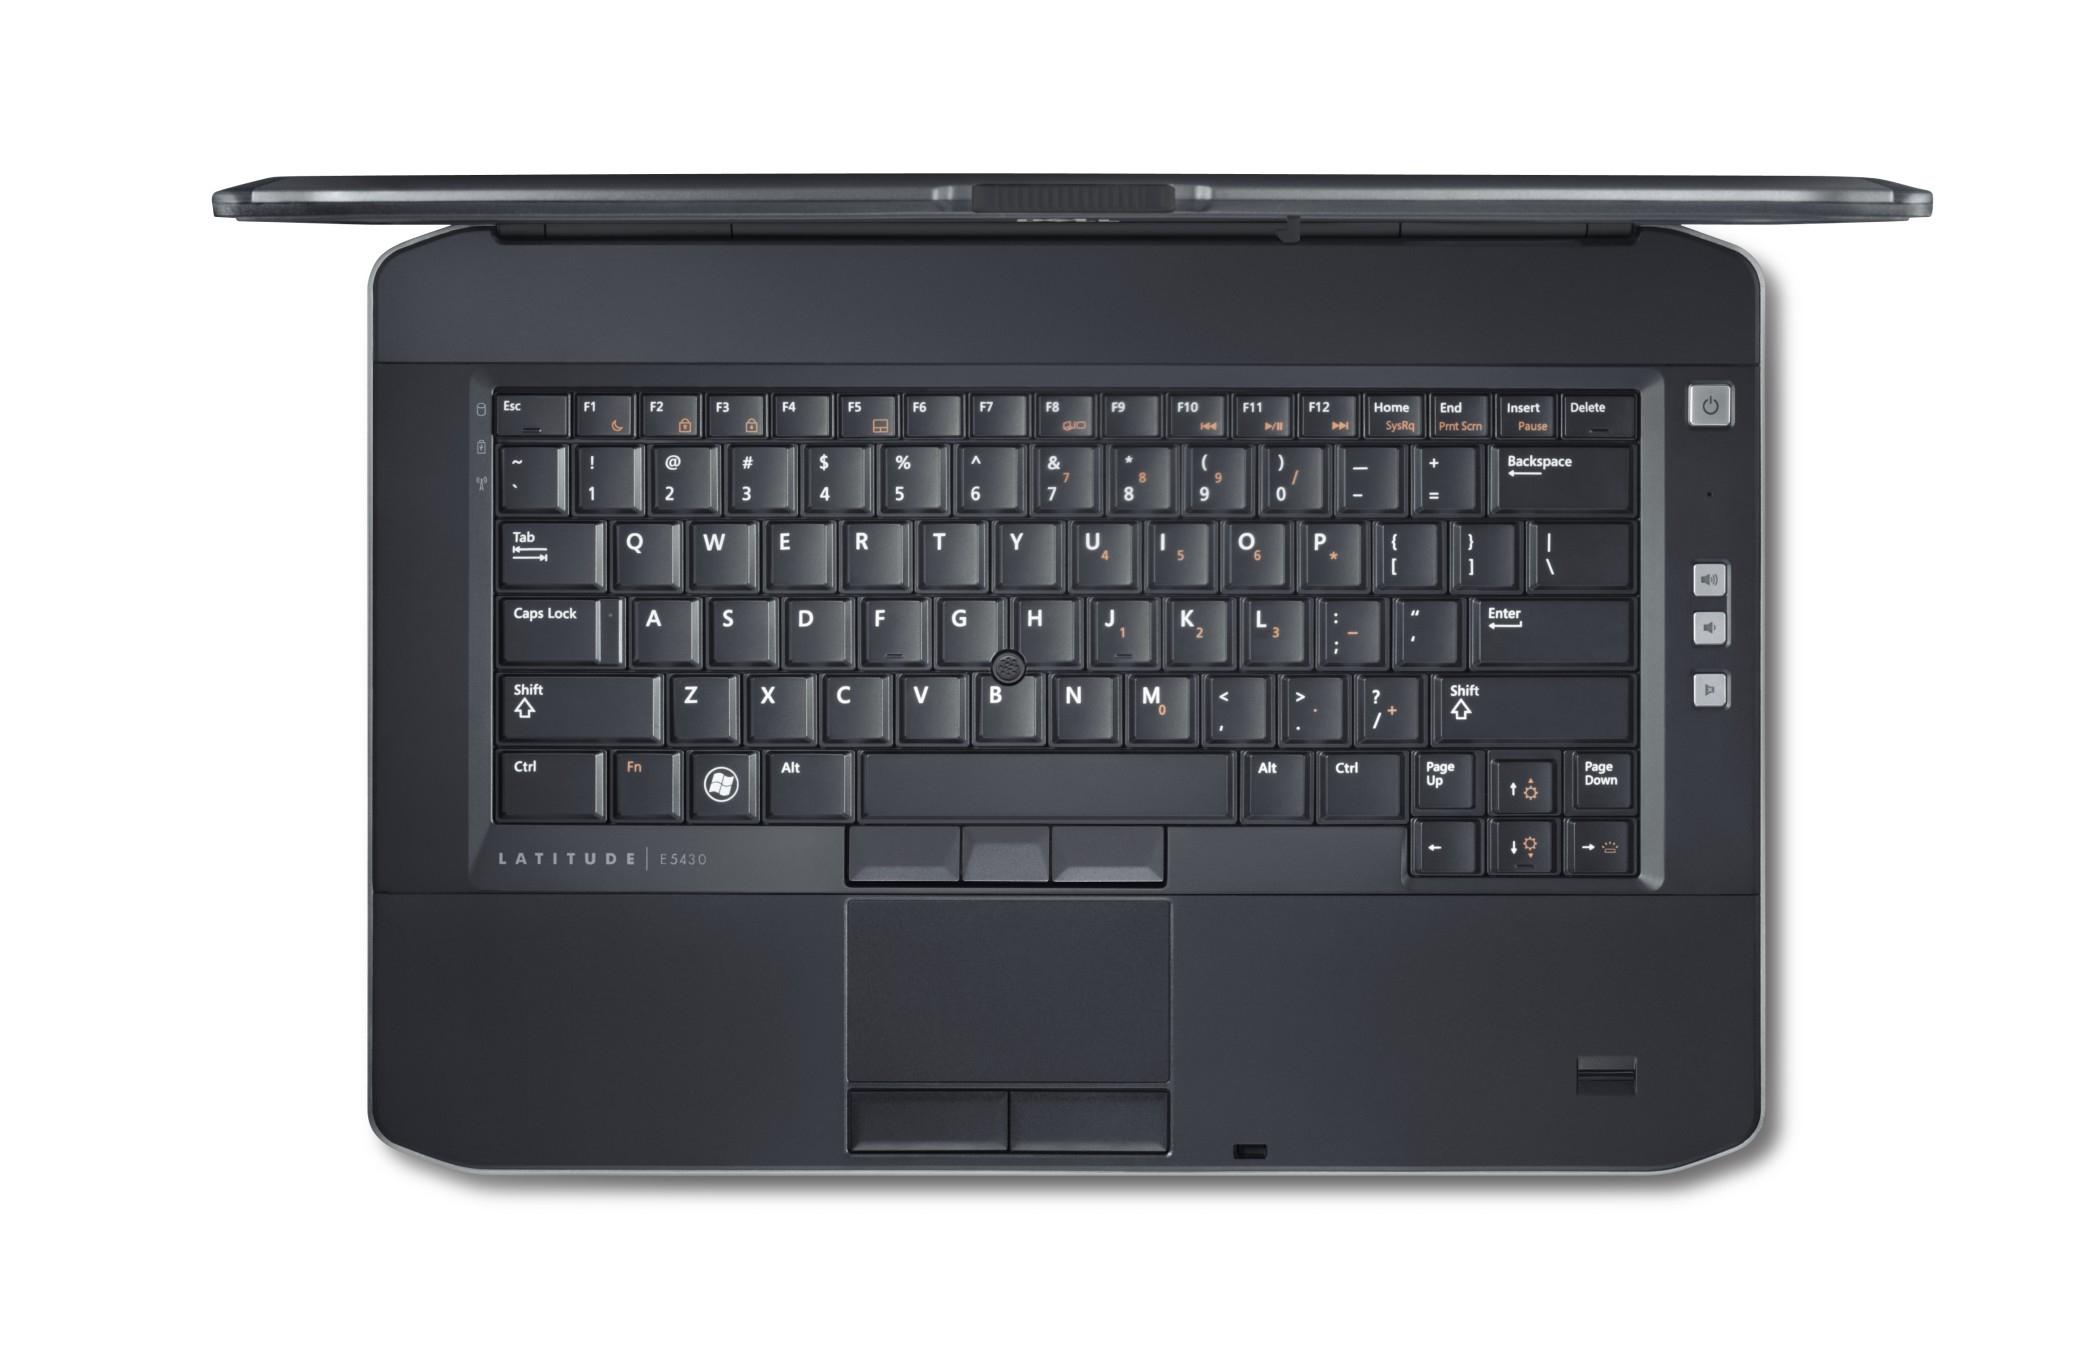 Dell Latitude E5430 i5-3210M 4Gb 320Gb 14